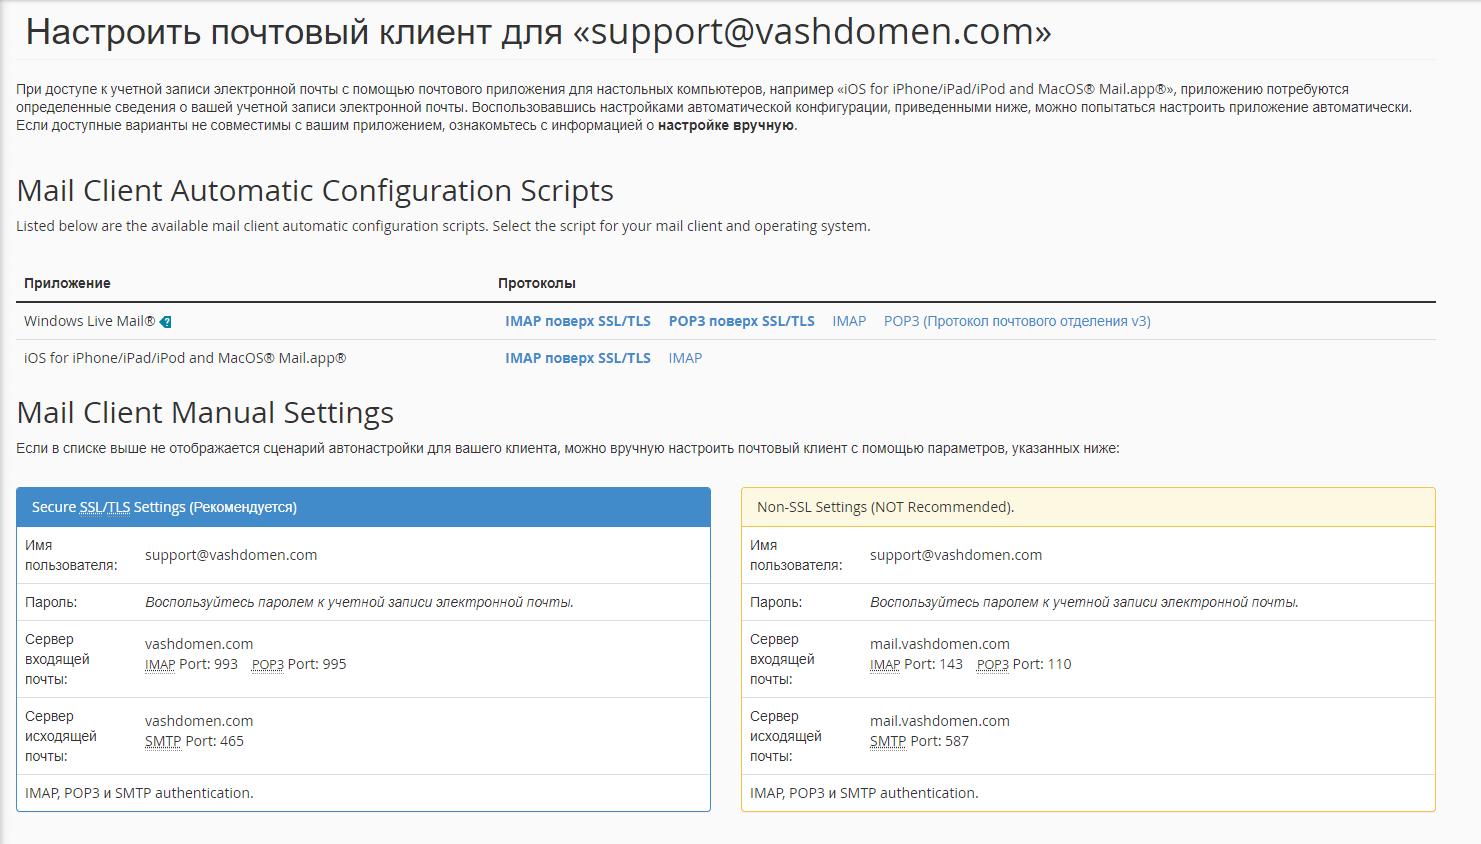 Подключение корпоративной почты к домену. Раздел с настройками подключения в cPanel.